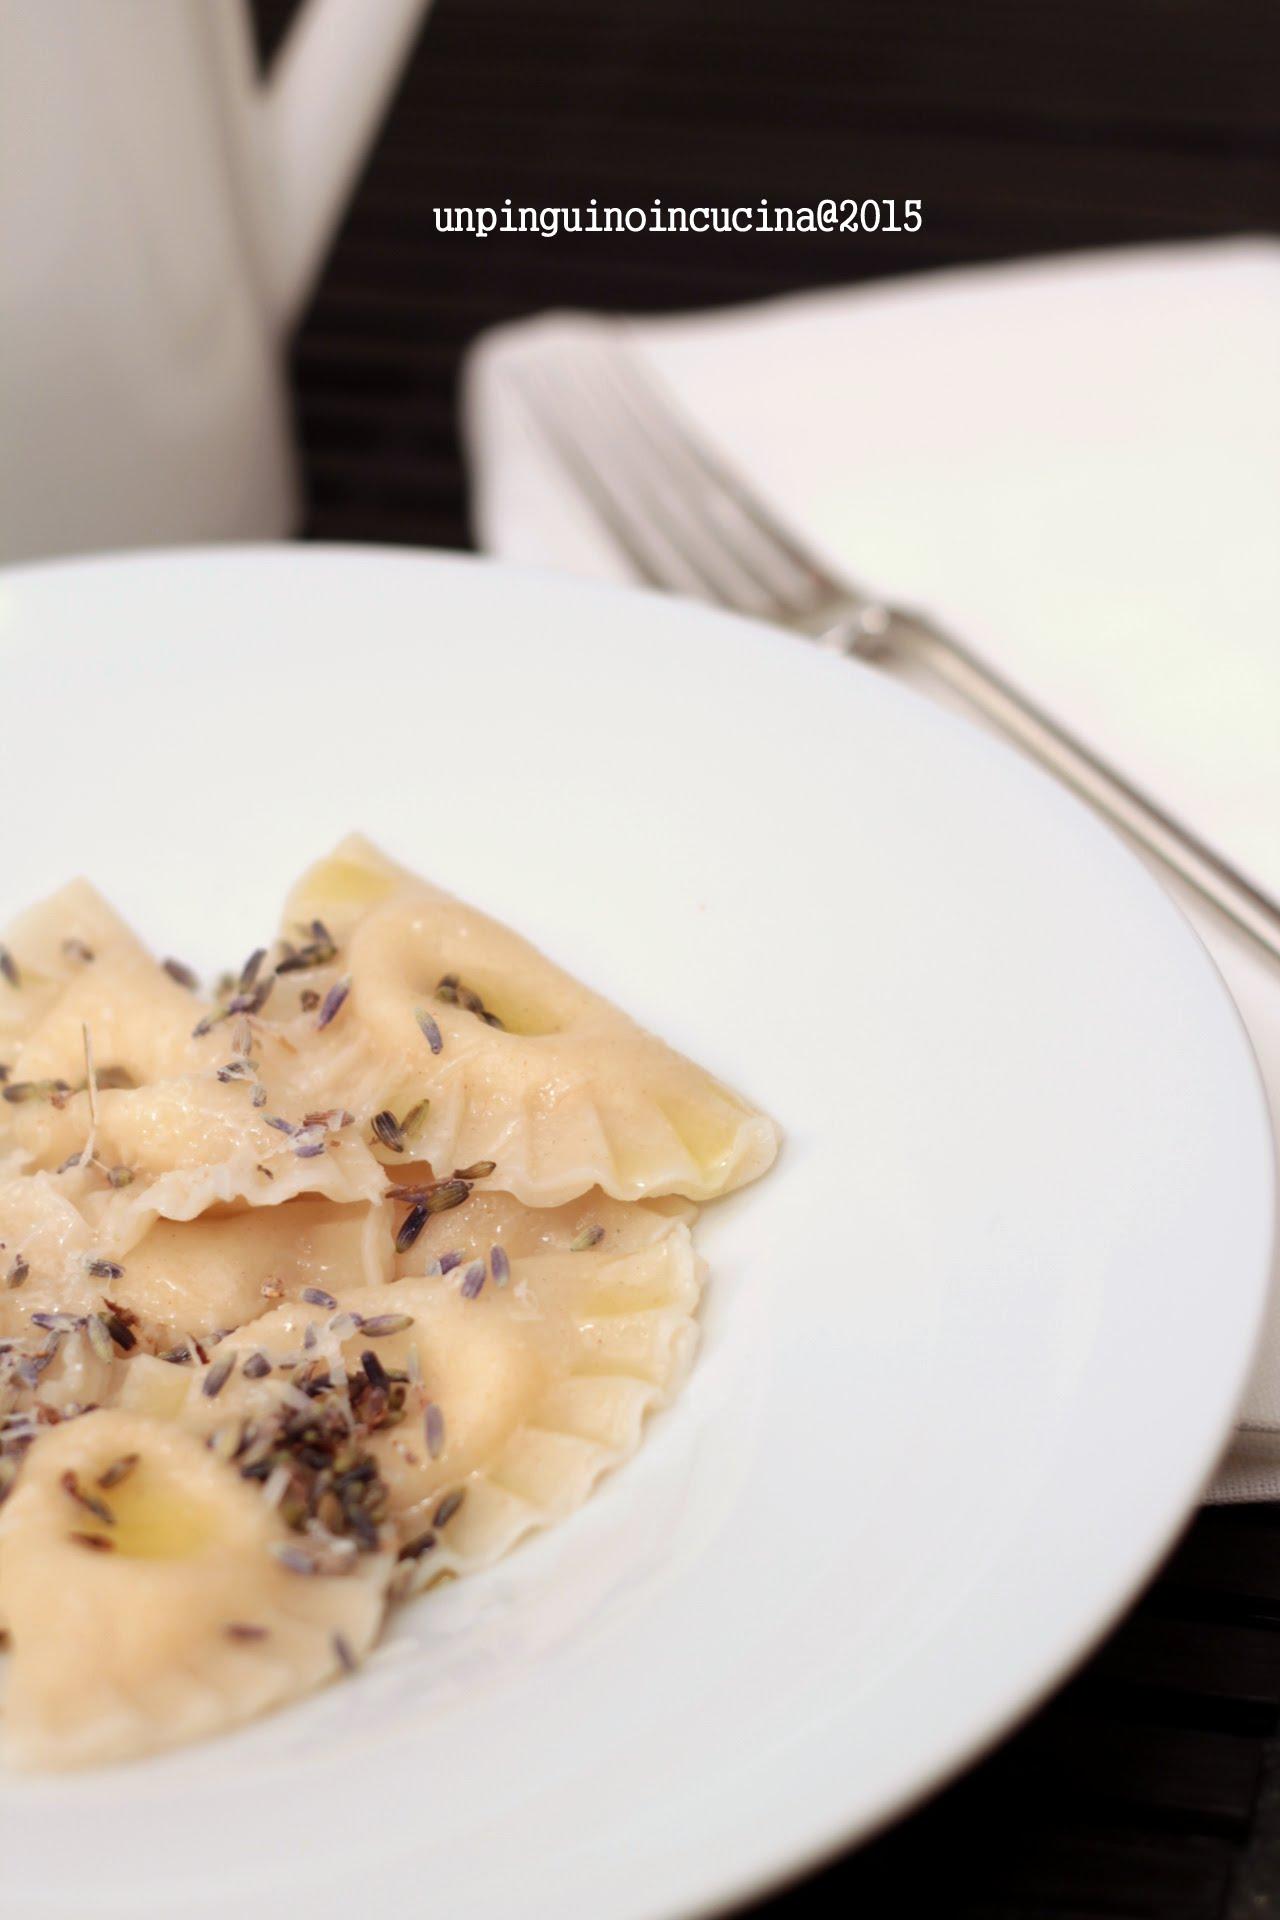 ravioli-parmigiano-reggiano-e-lavanda